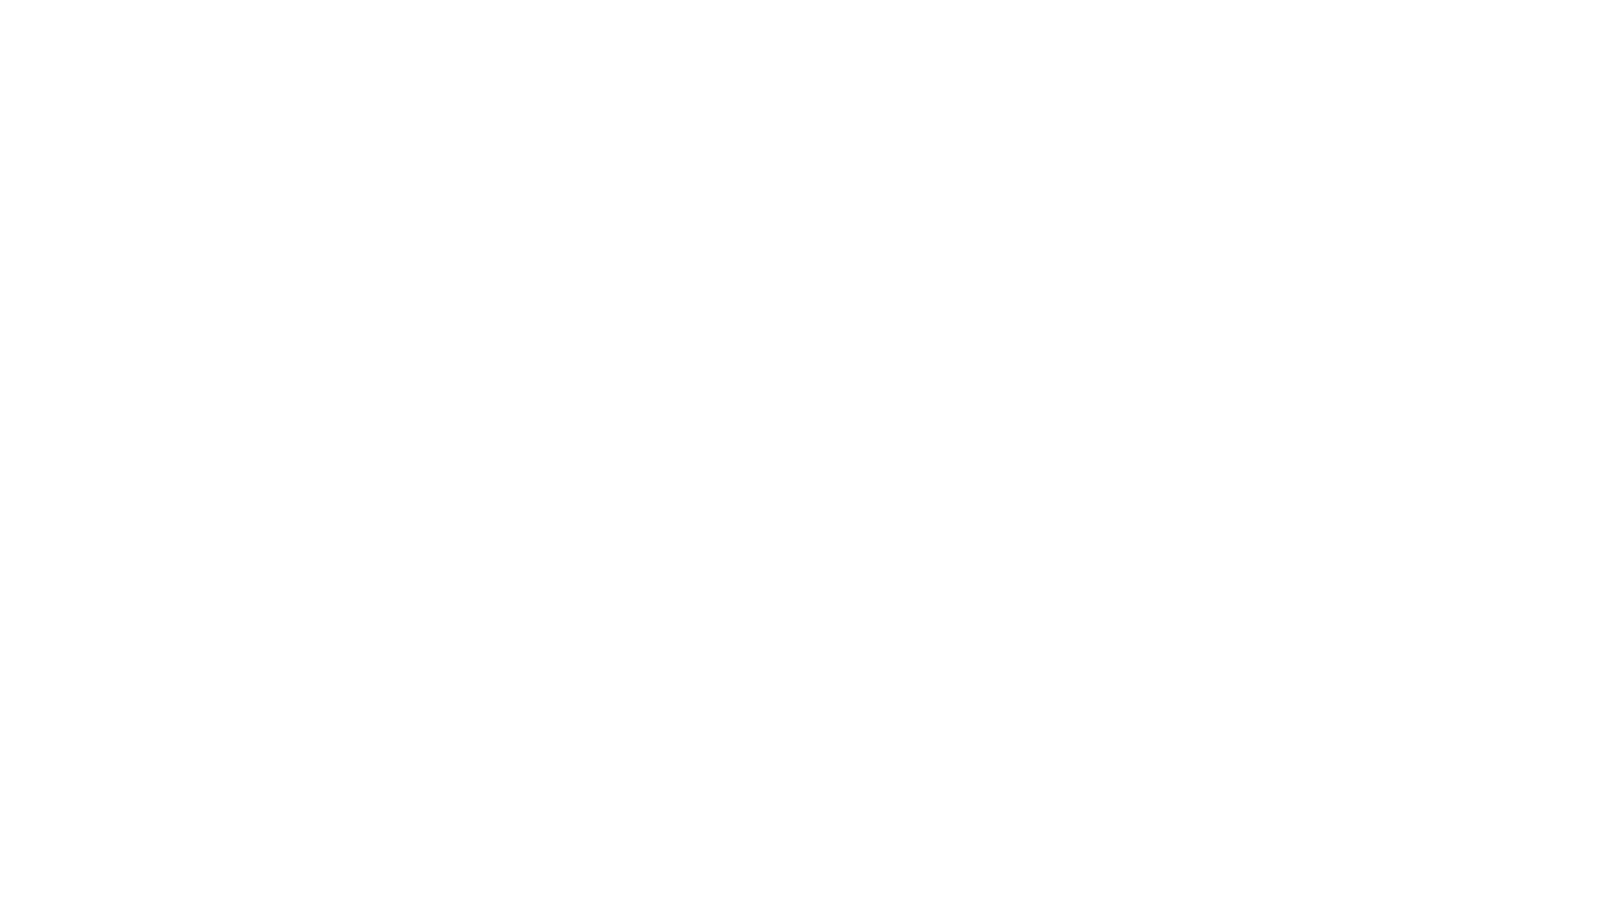 Video documento dei danni che causa il passaggio di battelli catamarani veloci (diversi dai soliti e classici battelli del Lario) alle imbarcazioni ormeggiate ma anche alla costa lacustre.